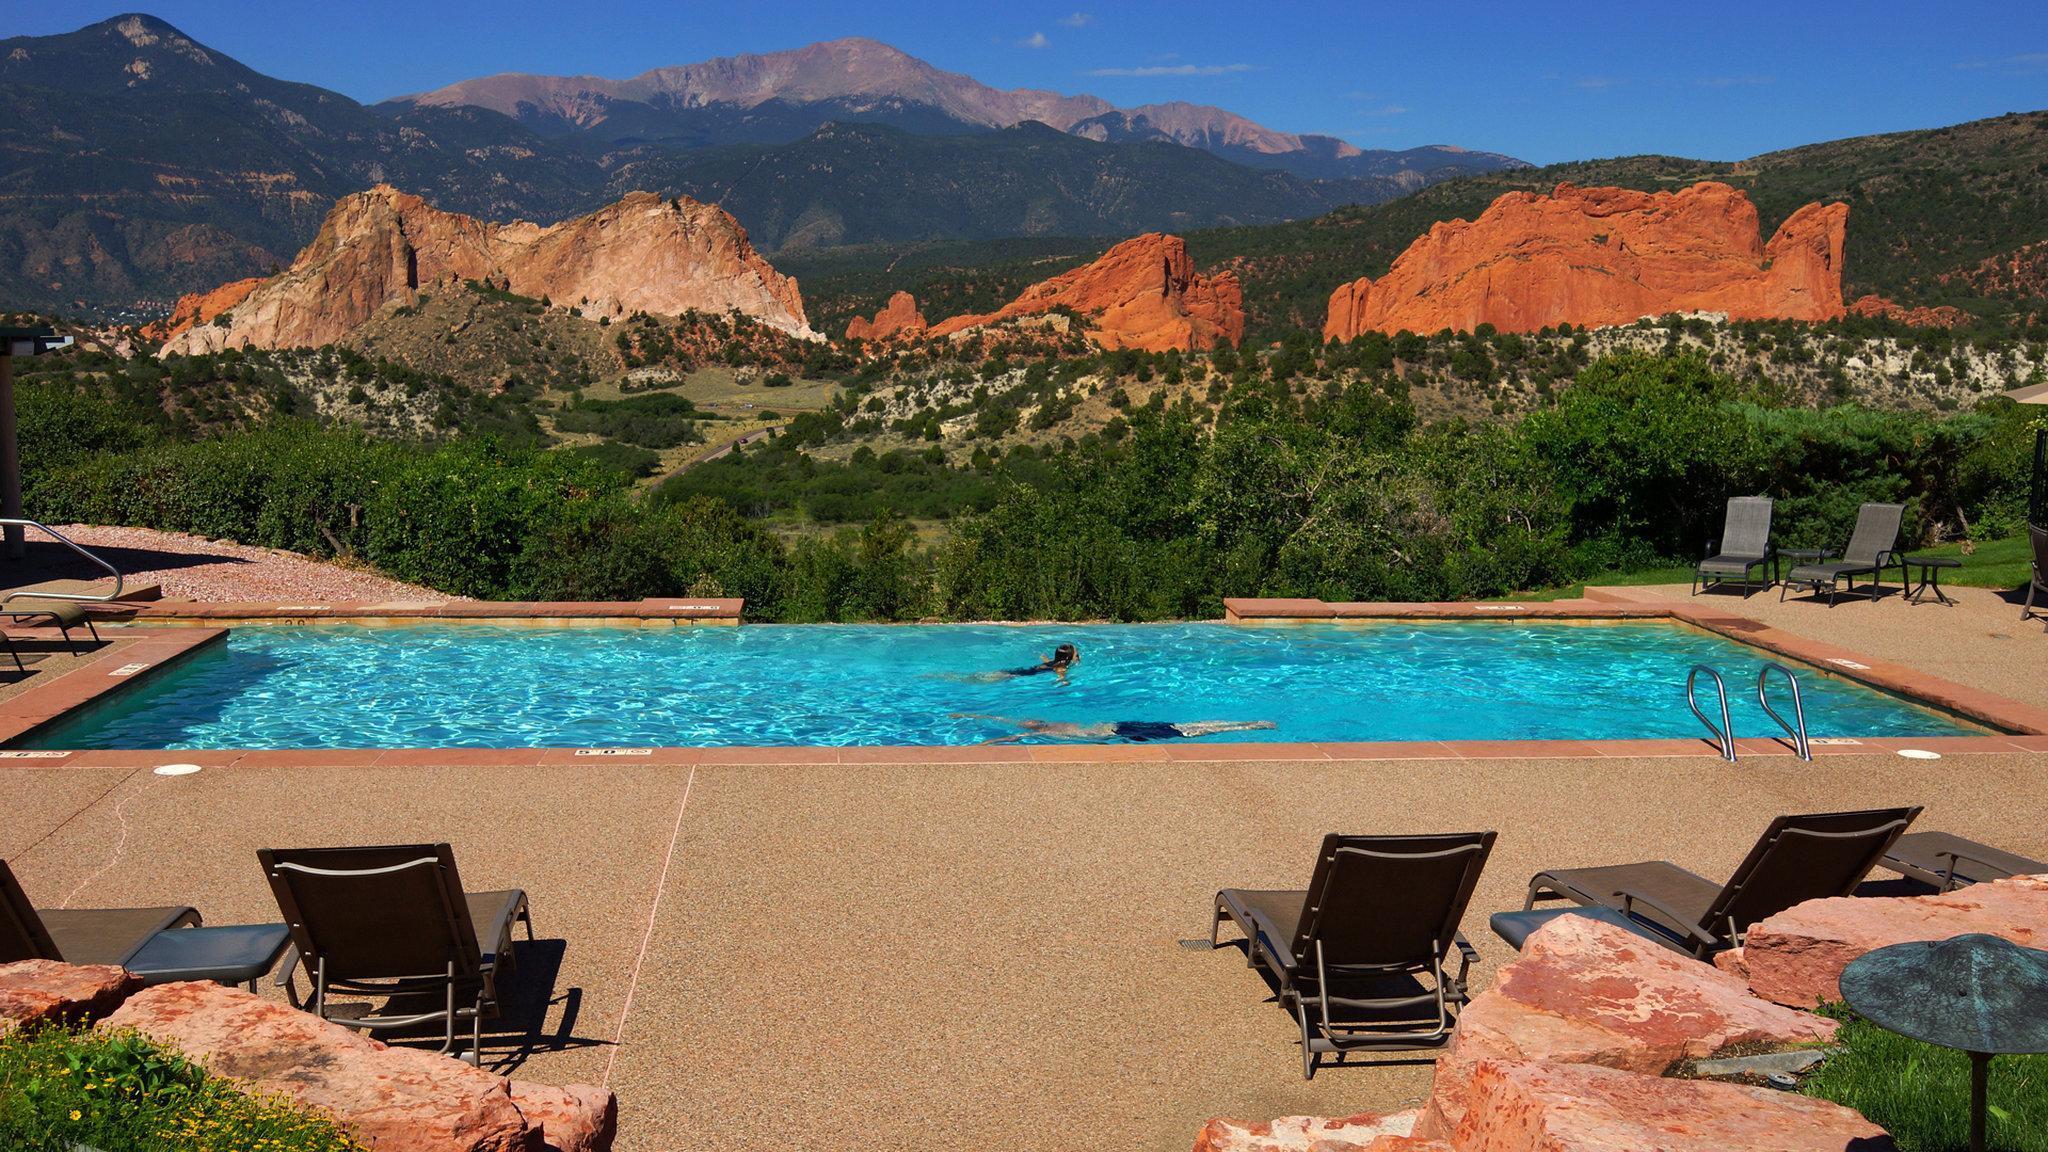 Garden of the Gods Club \u0026 Resort in Colorado Springs (CO